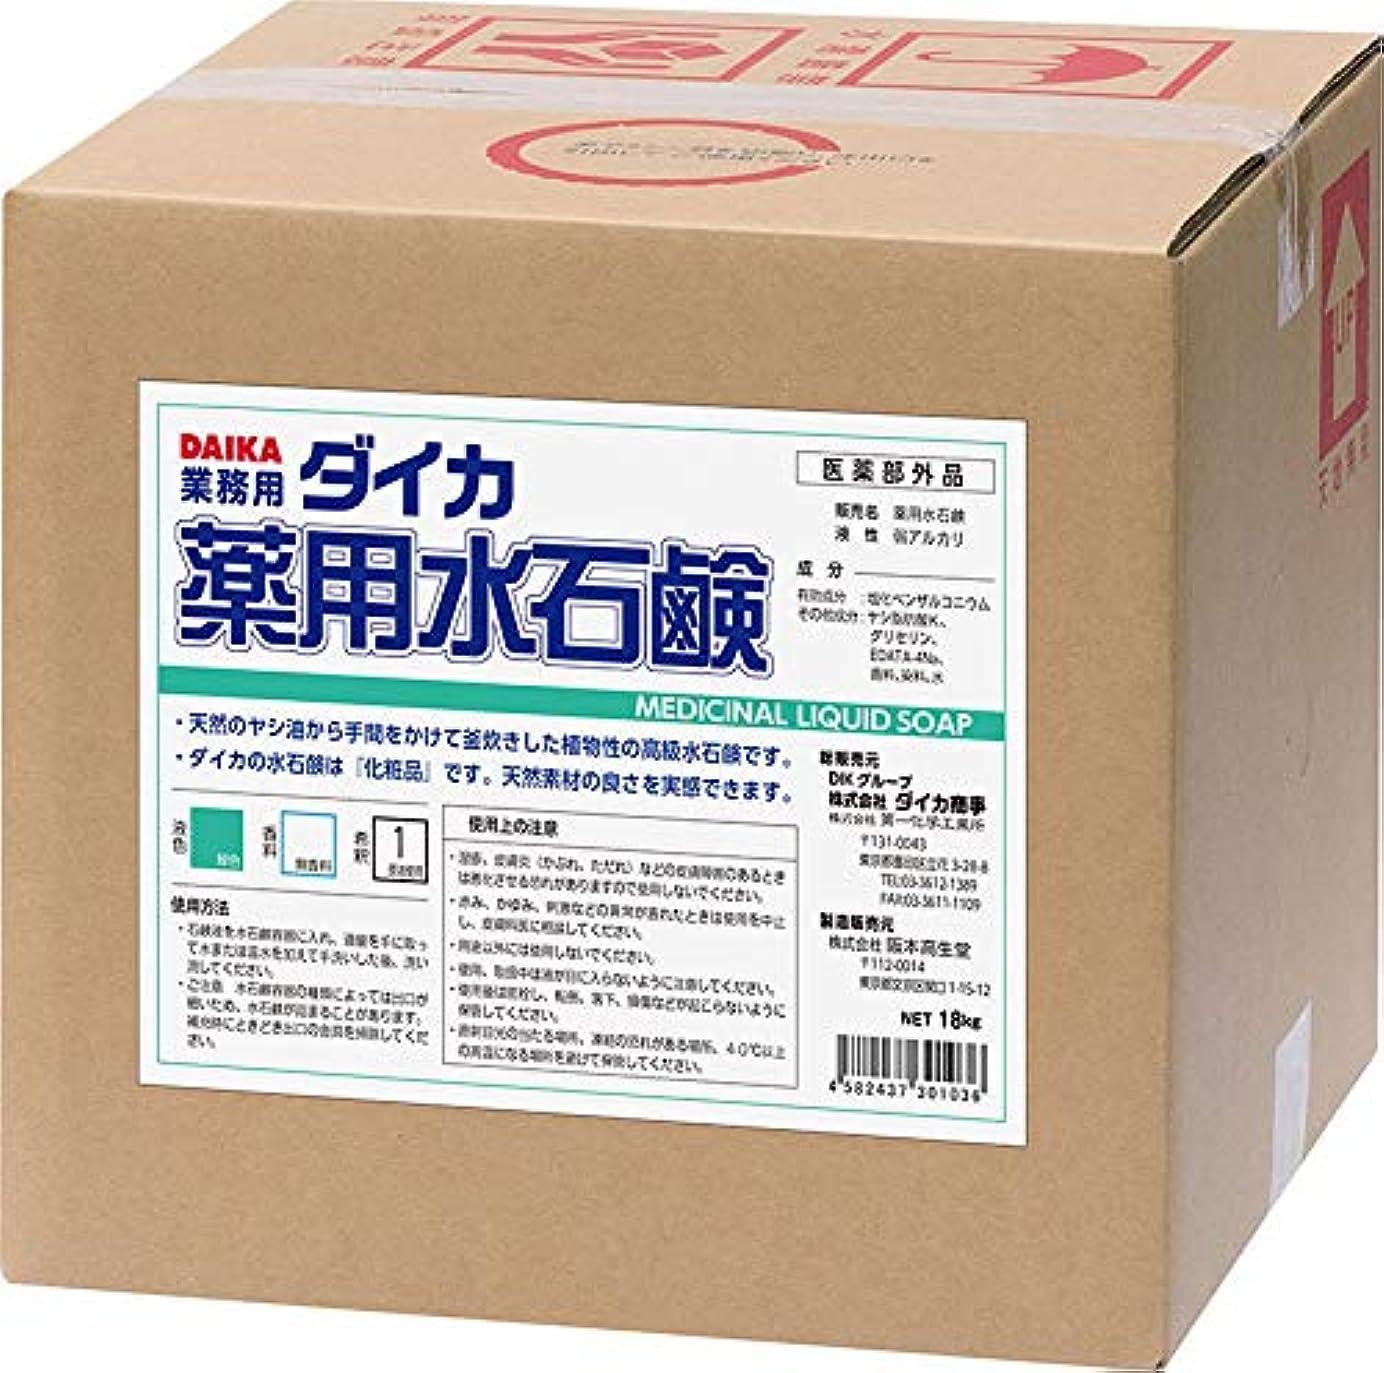 レトルトの慈悲で補体【医薬部外品】業務用 ハンドソープ ダイカ 薬用 水石鹸 MGN 18kg